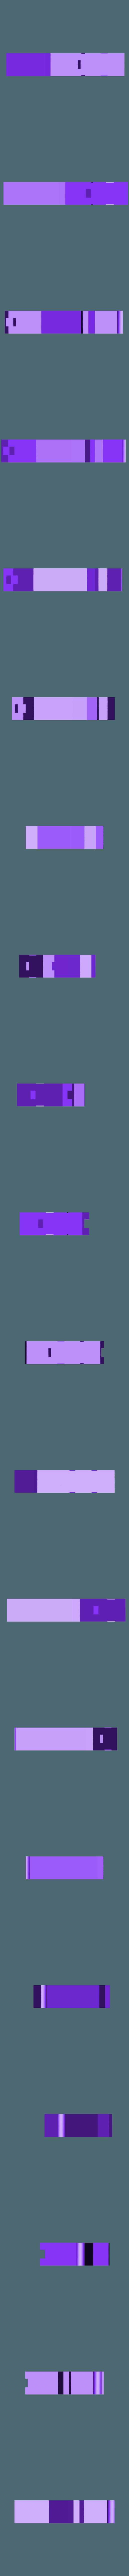 Mid_Bottom_2.stl Télécharger fichier STL gratuit Le concept du fusil Khan de Marvels The Exiles • Plan pour imprimante 3D, Dsk